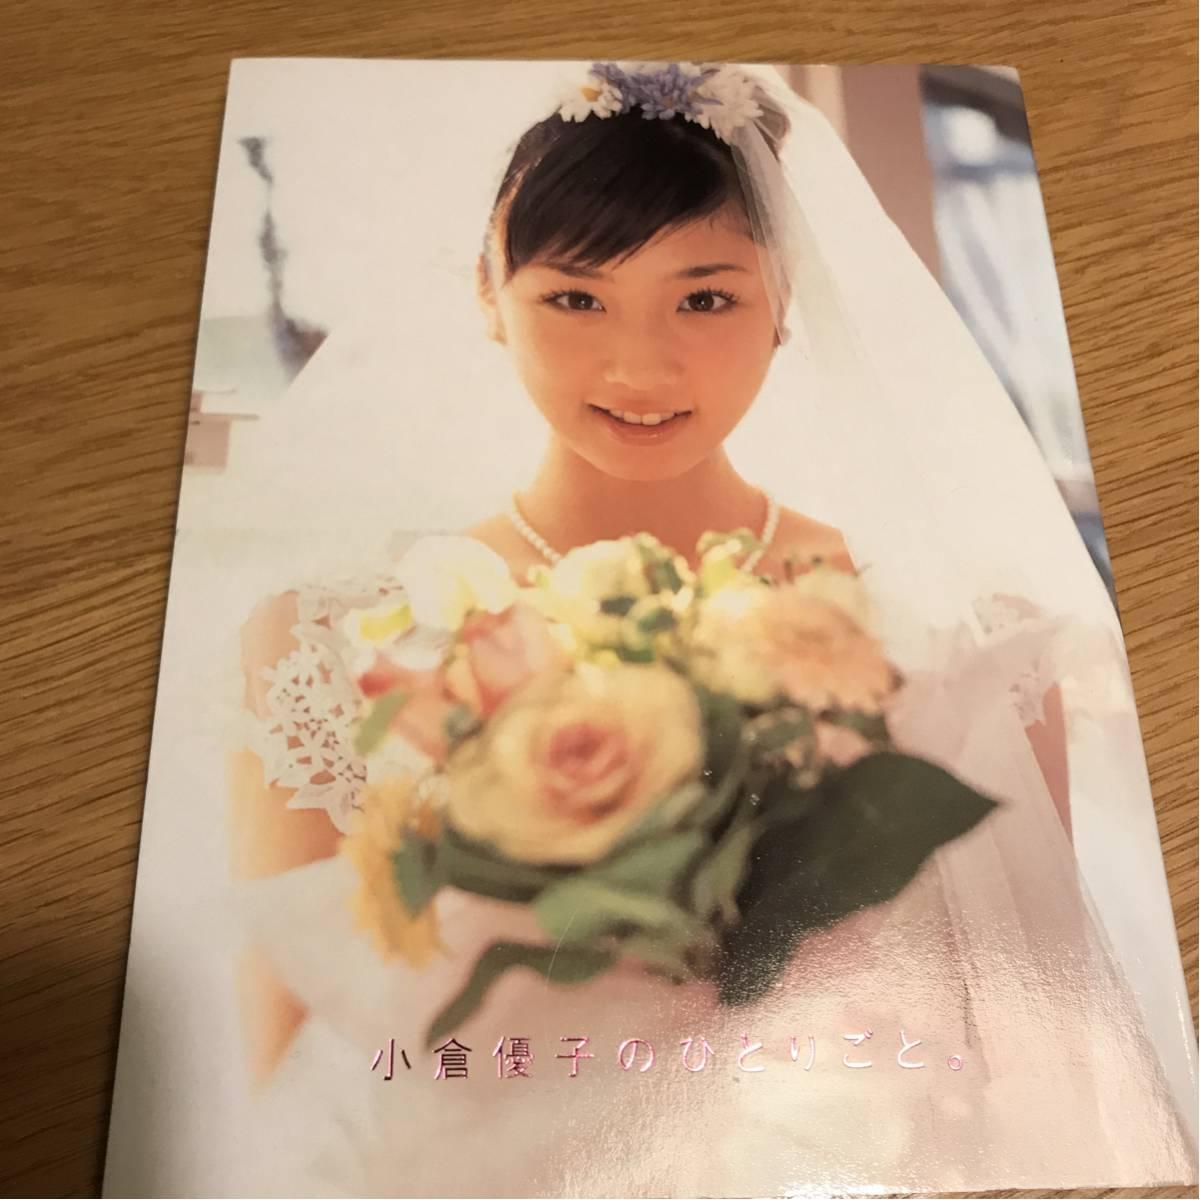 小倉優子のひとりごと 写真集 初版 定価1400円